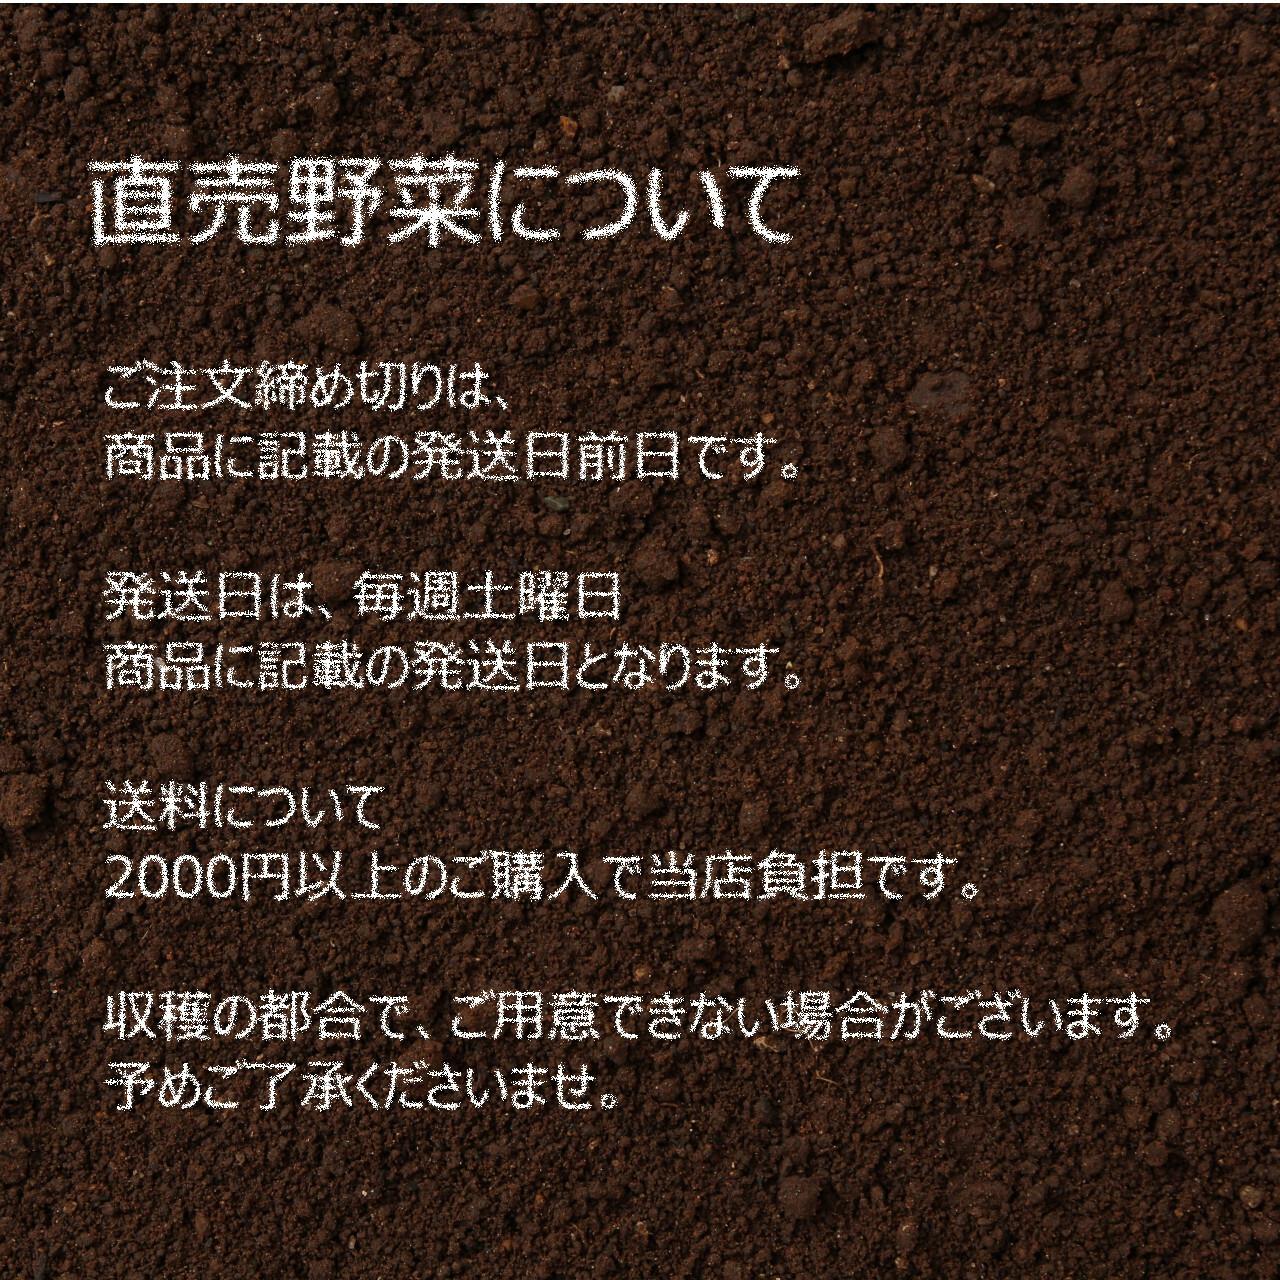 ネギ 3~4本 朝採り直売野菜 7月の新鮮な夏野菜 7月11日発送予定